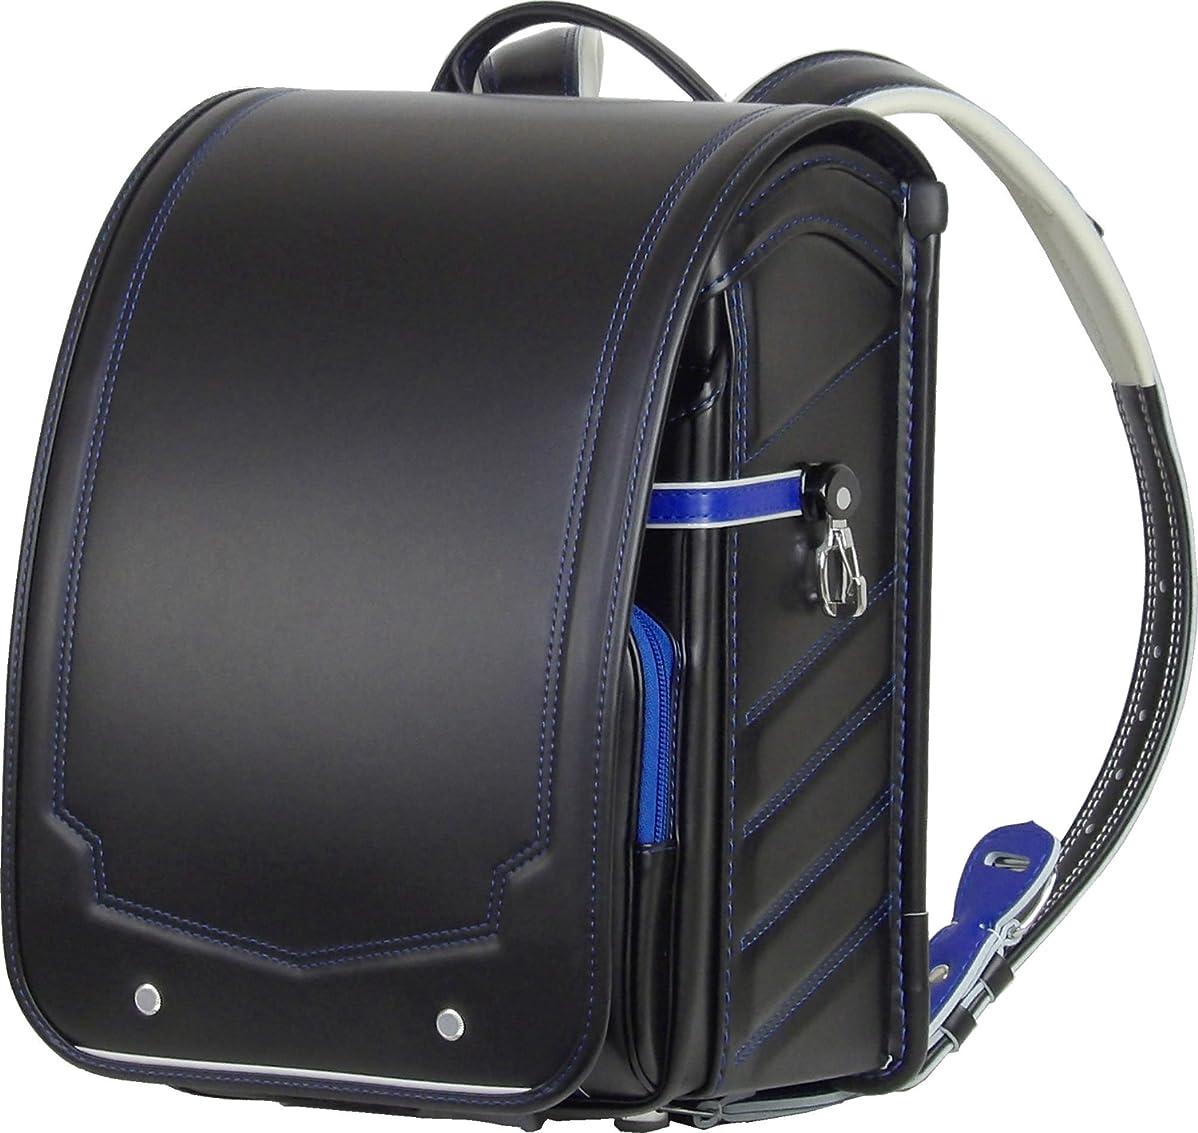 ふわりぃ コンビステッチ ランドセル 反射びょう仕様  黒 (ブラック) ×ブルー(ステッチ) 外せる持ち手ハンドル付 A4ブックファイル 収納サイズ限定生産モデル B071L9SX9K